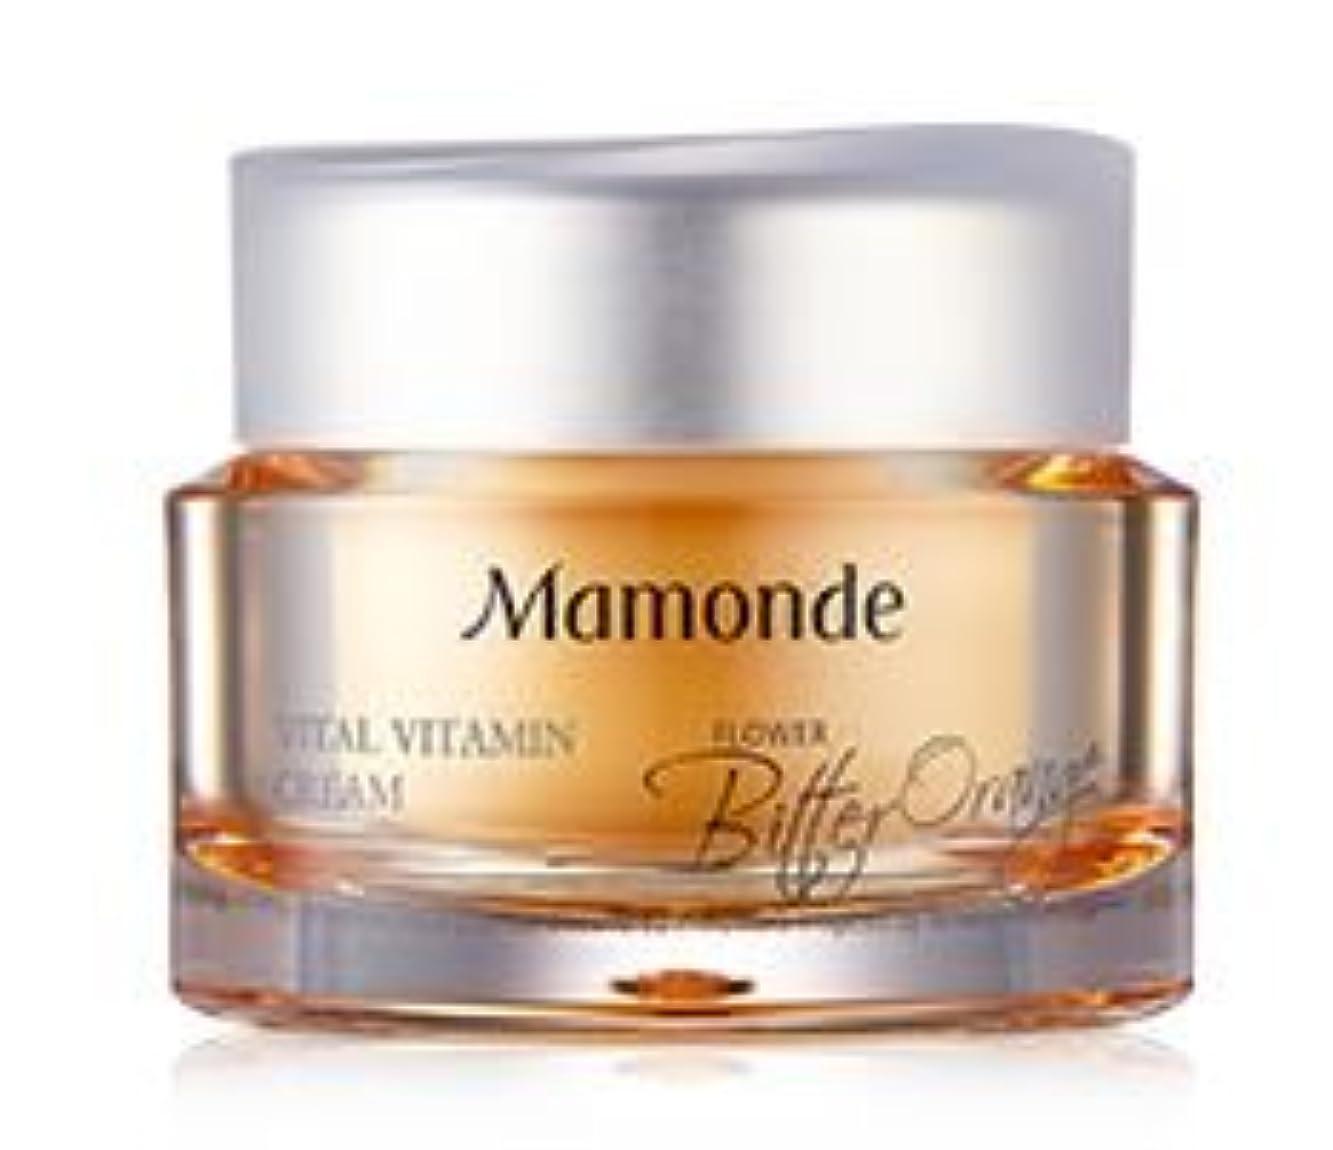 血まみれの否定するプレゼン[Mamonde] Vital Vitamin Cream 50ml /[マモンド]バイタルビタミンクリーム50ml [並行輸入品]